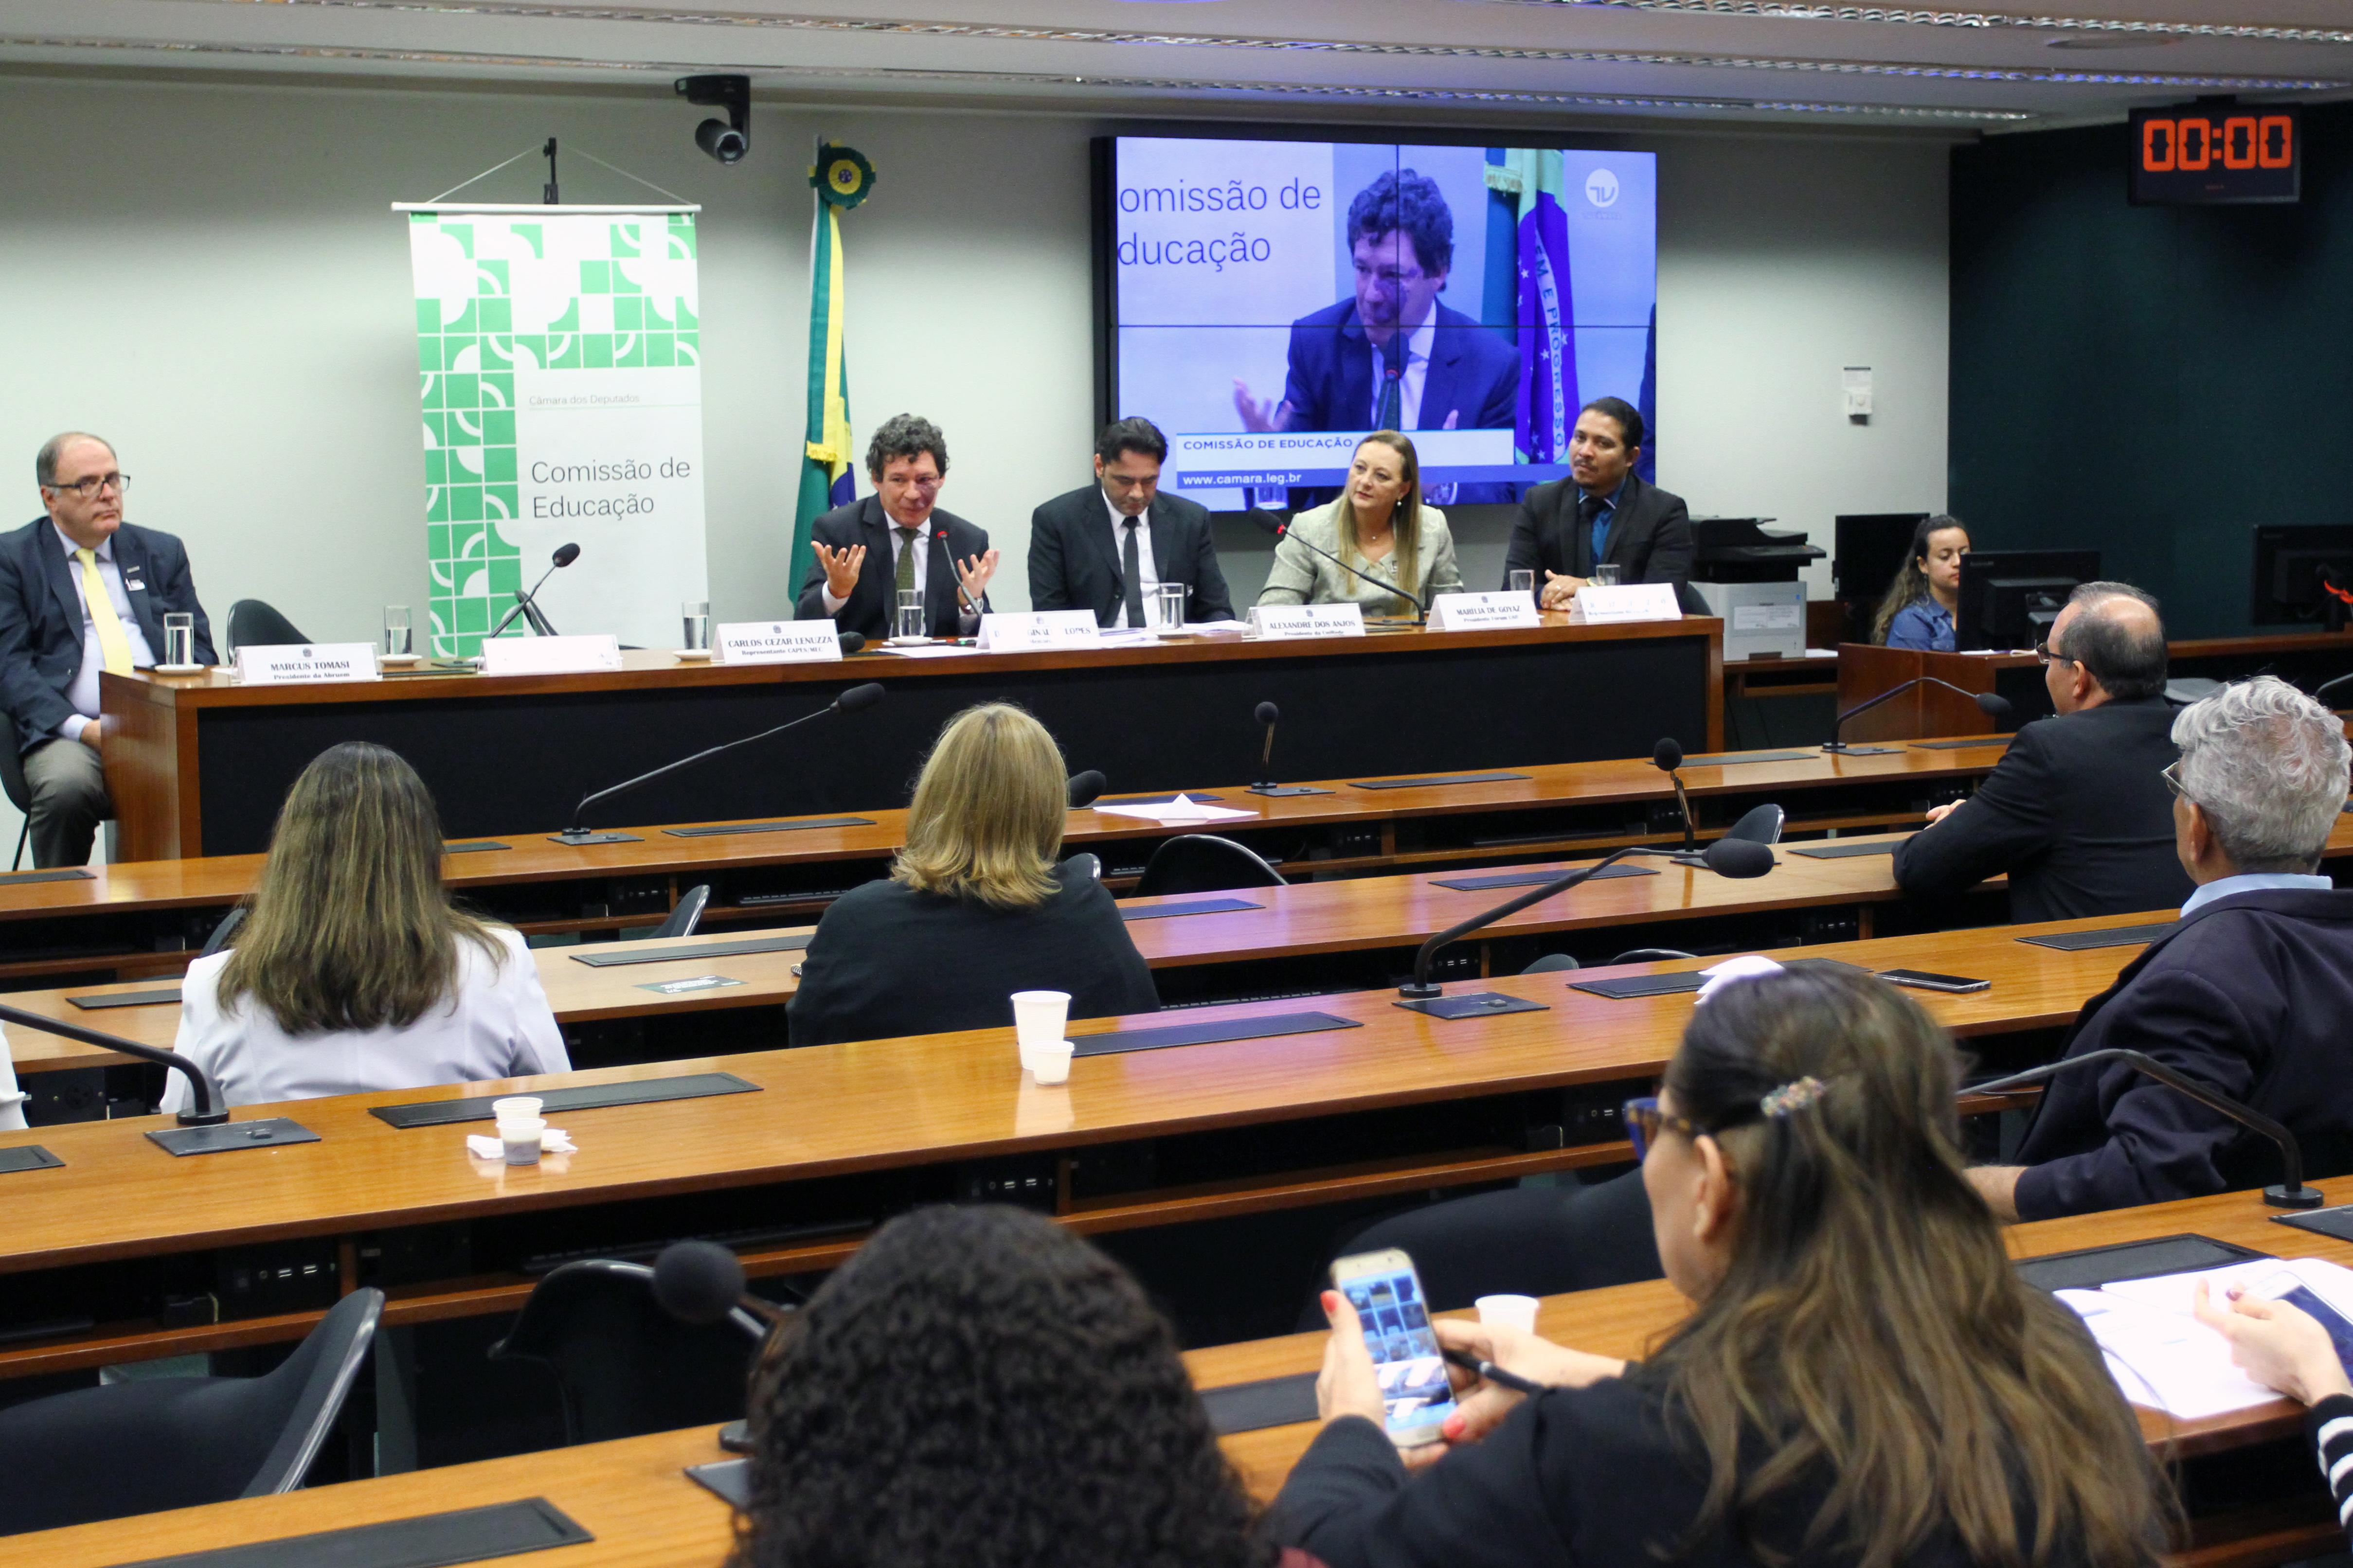 Audiência pública sobre as políticas para a educação a distância